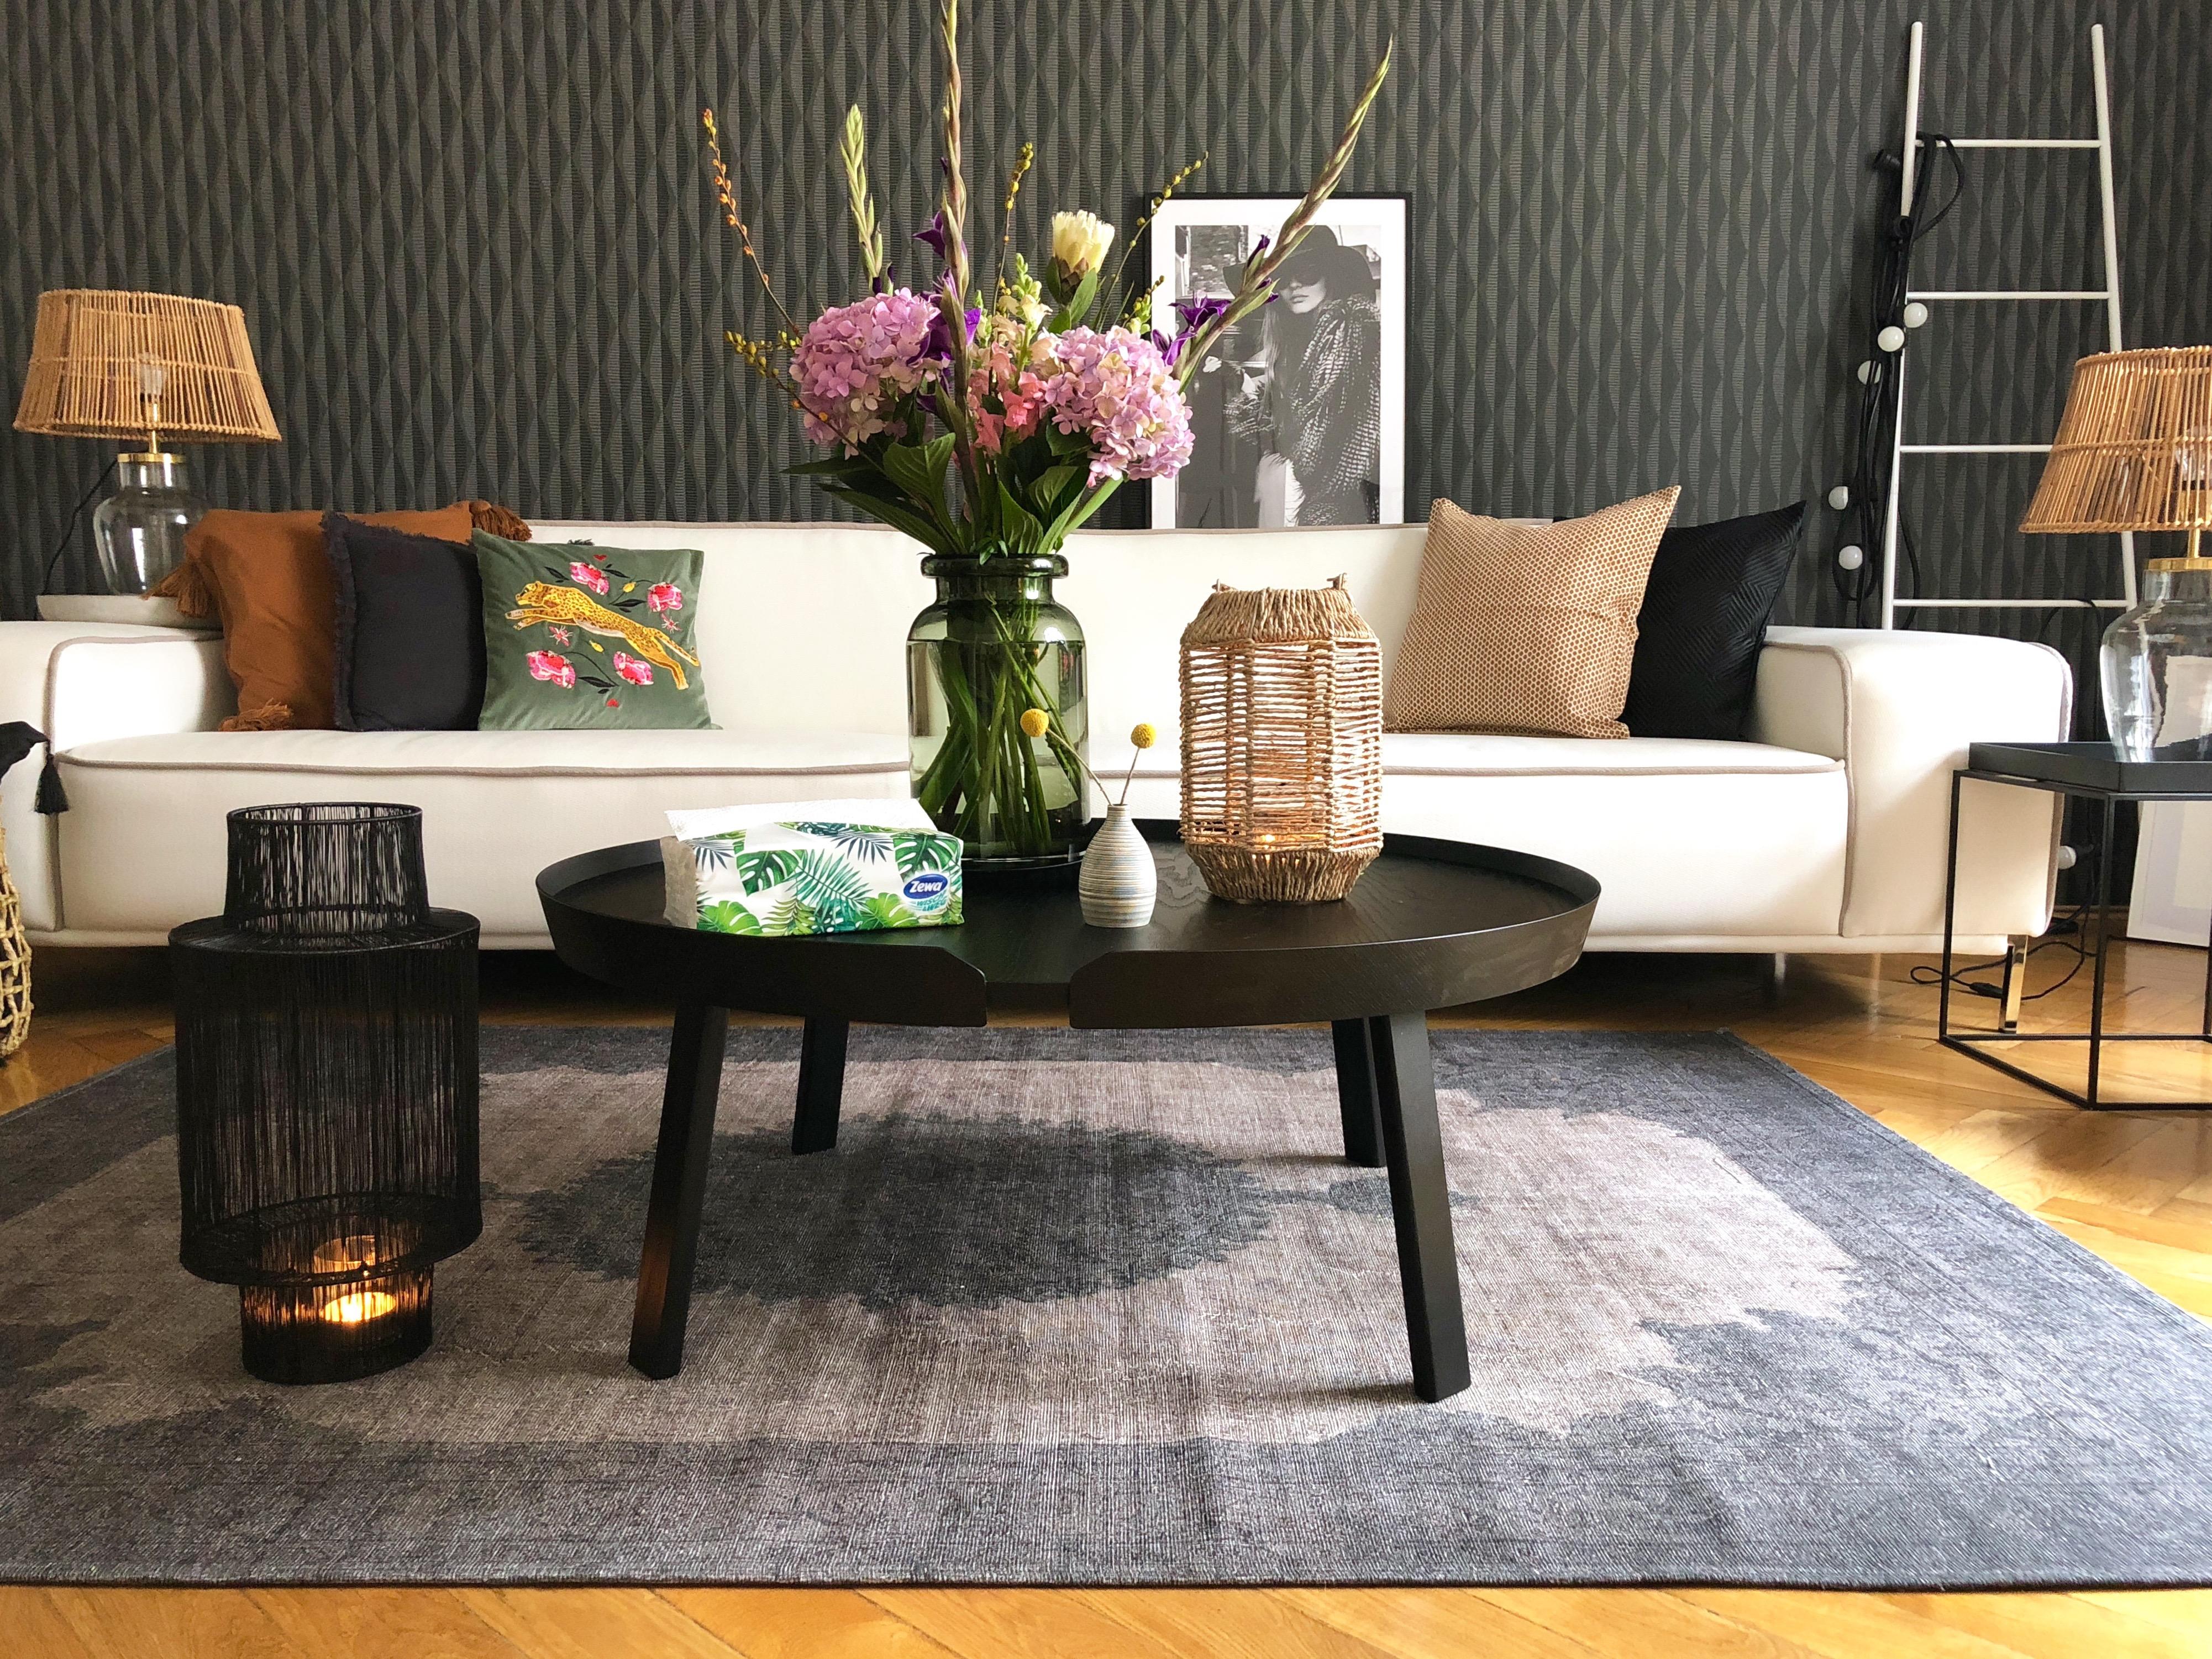 interior stilvolle momente f rs zuhause mit zewa wisch weg werbung sweet living interior. Black Bedroom Furniture Sets. Home Design Ideas